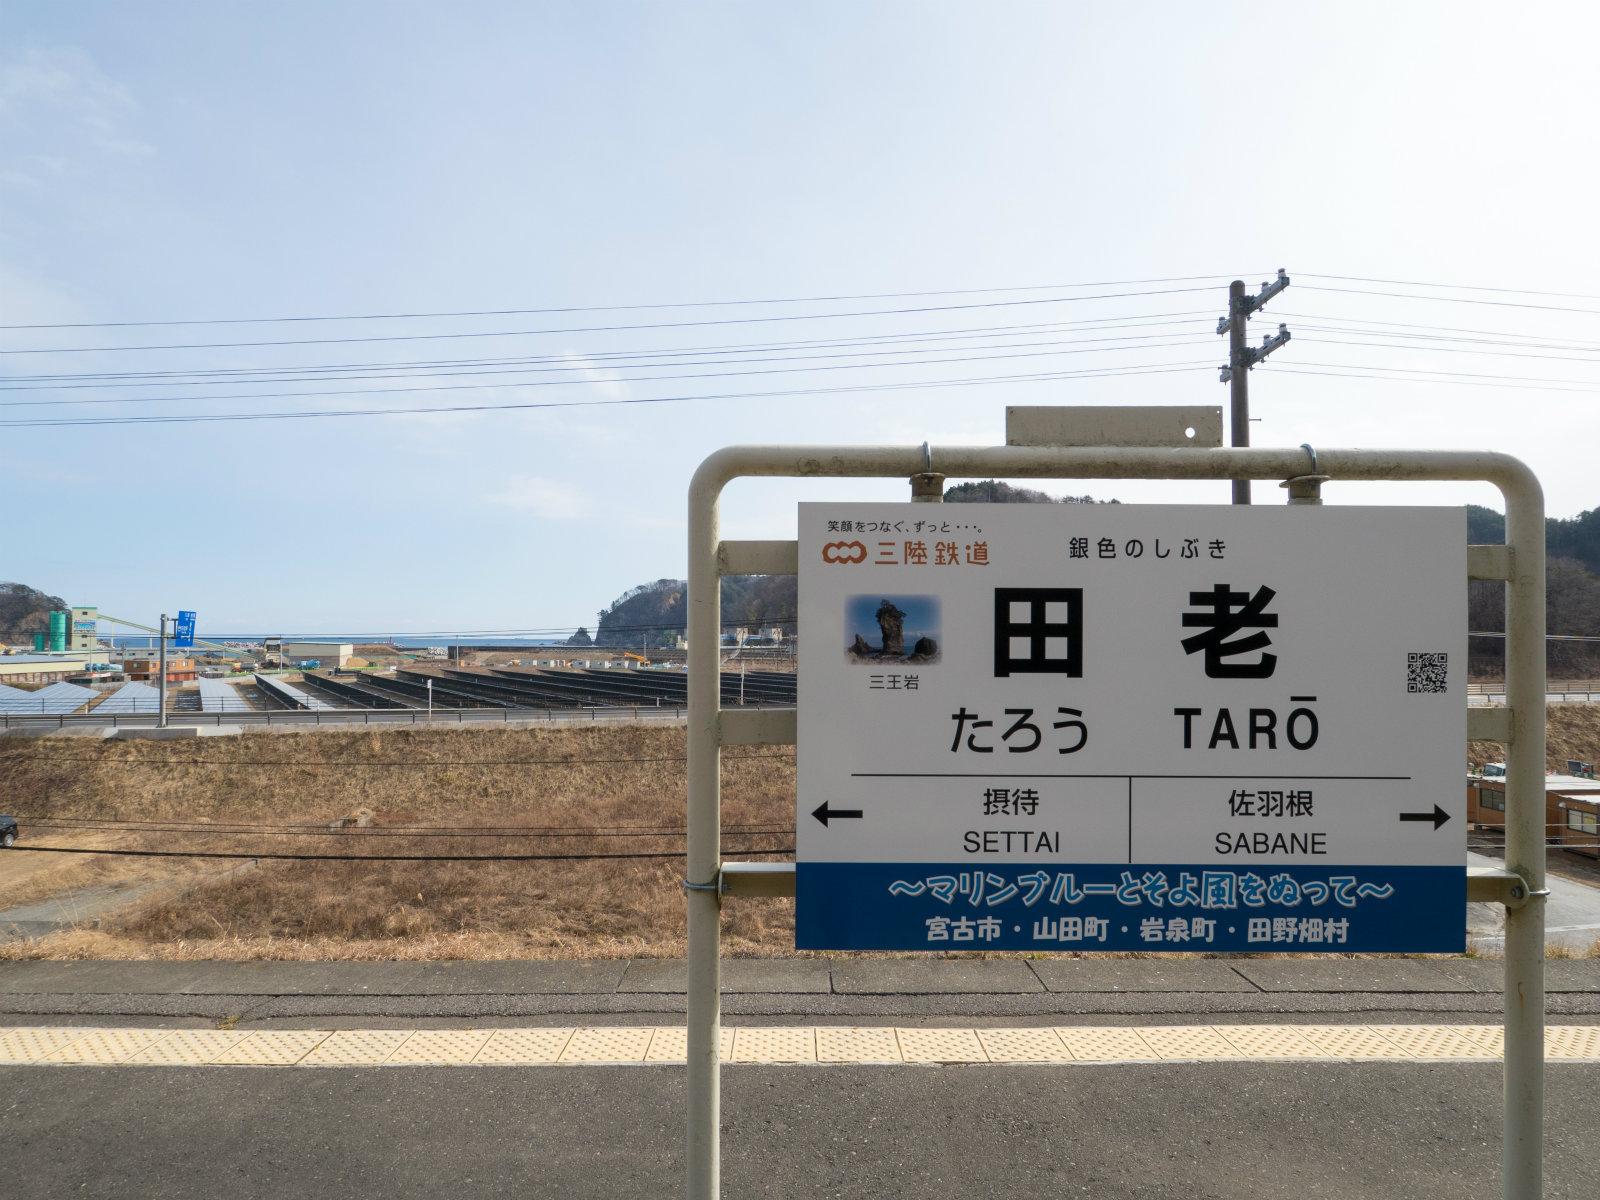 田老駅 | 海の見える駅